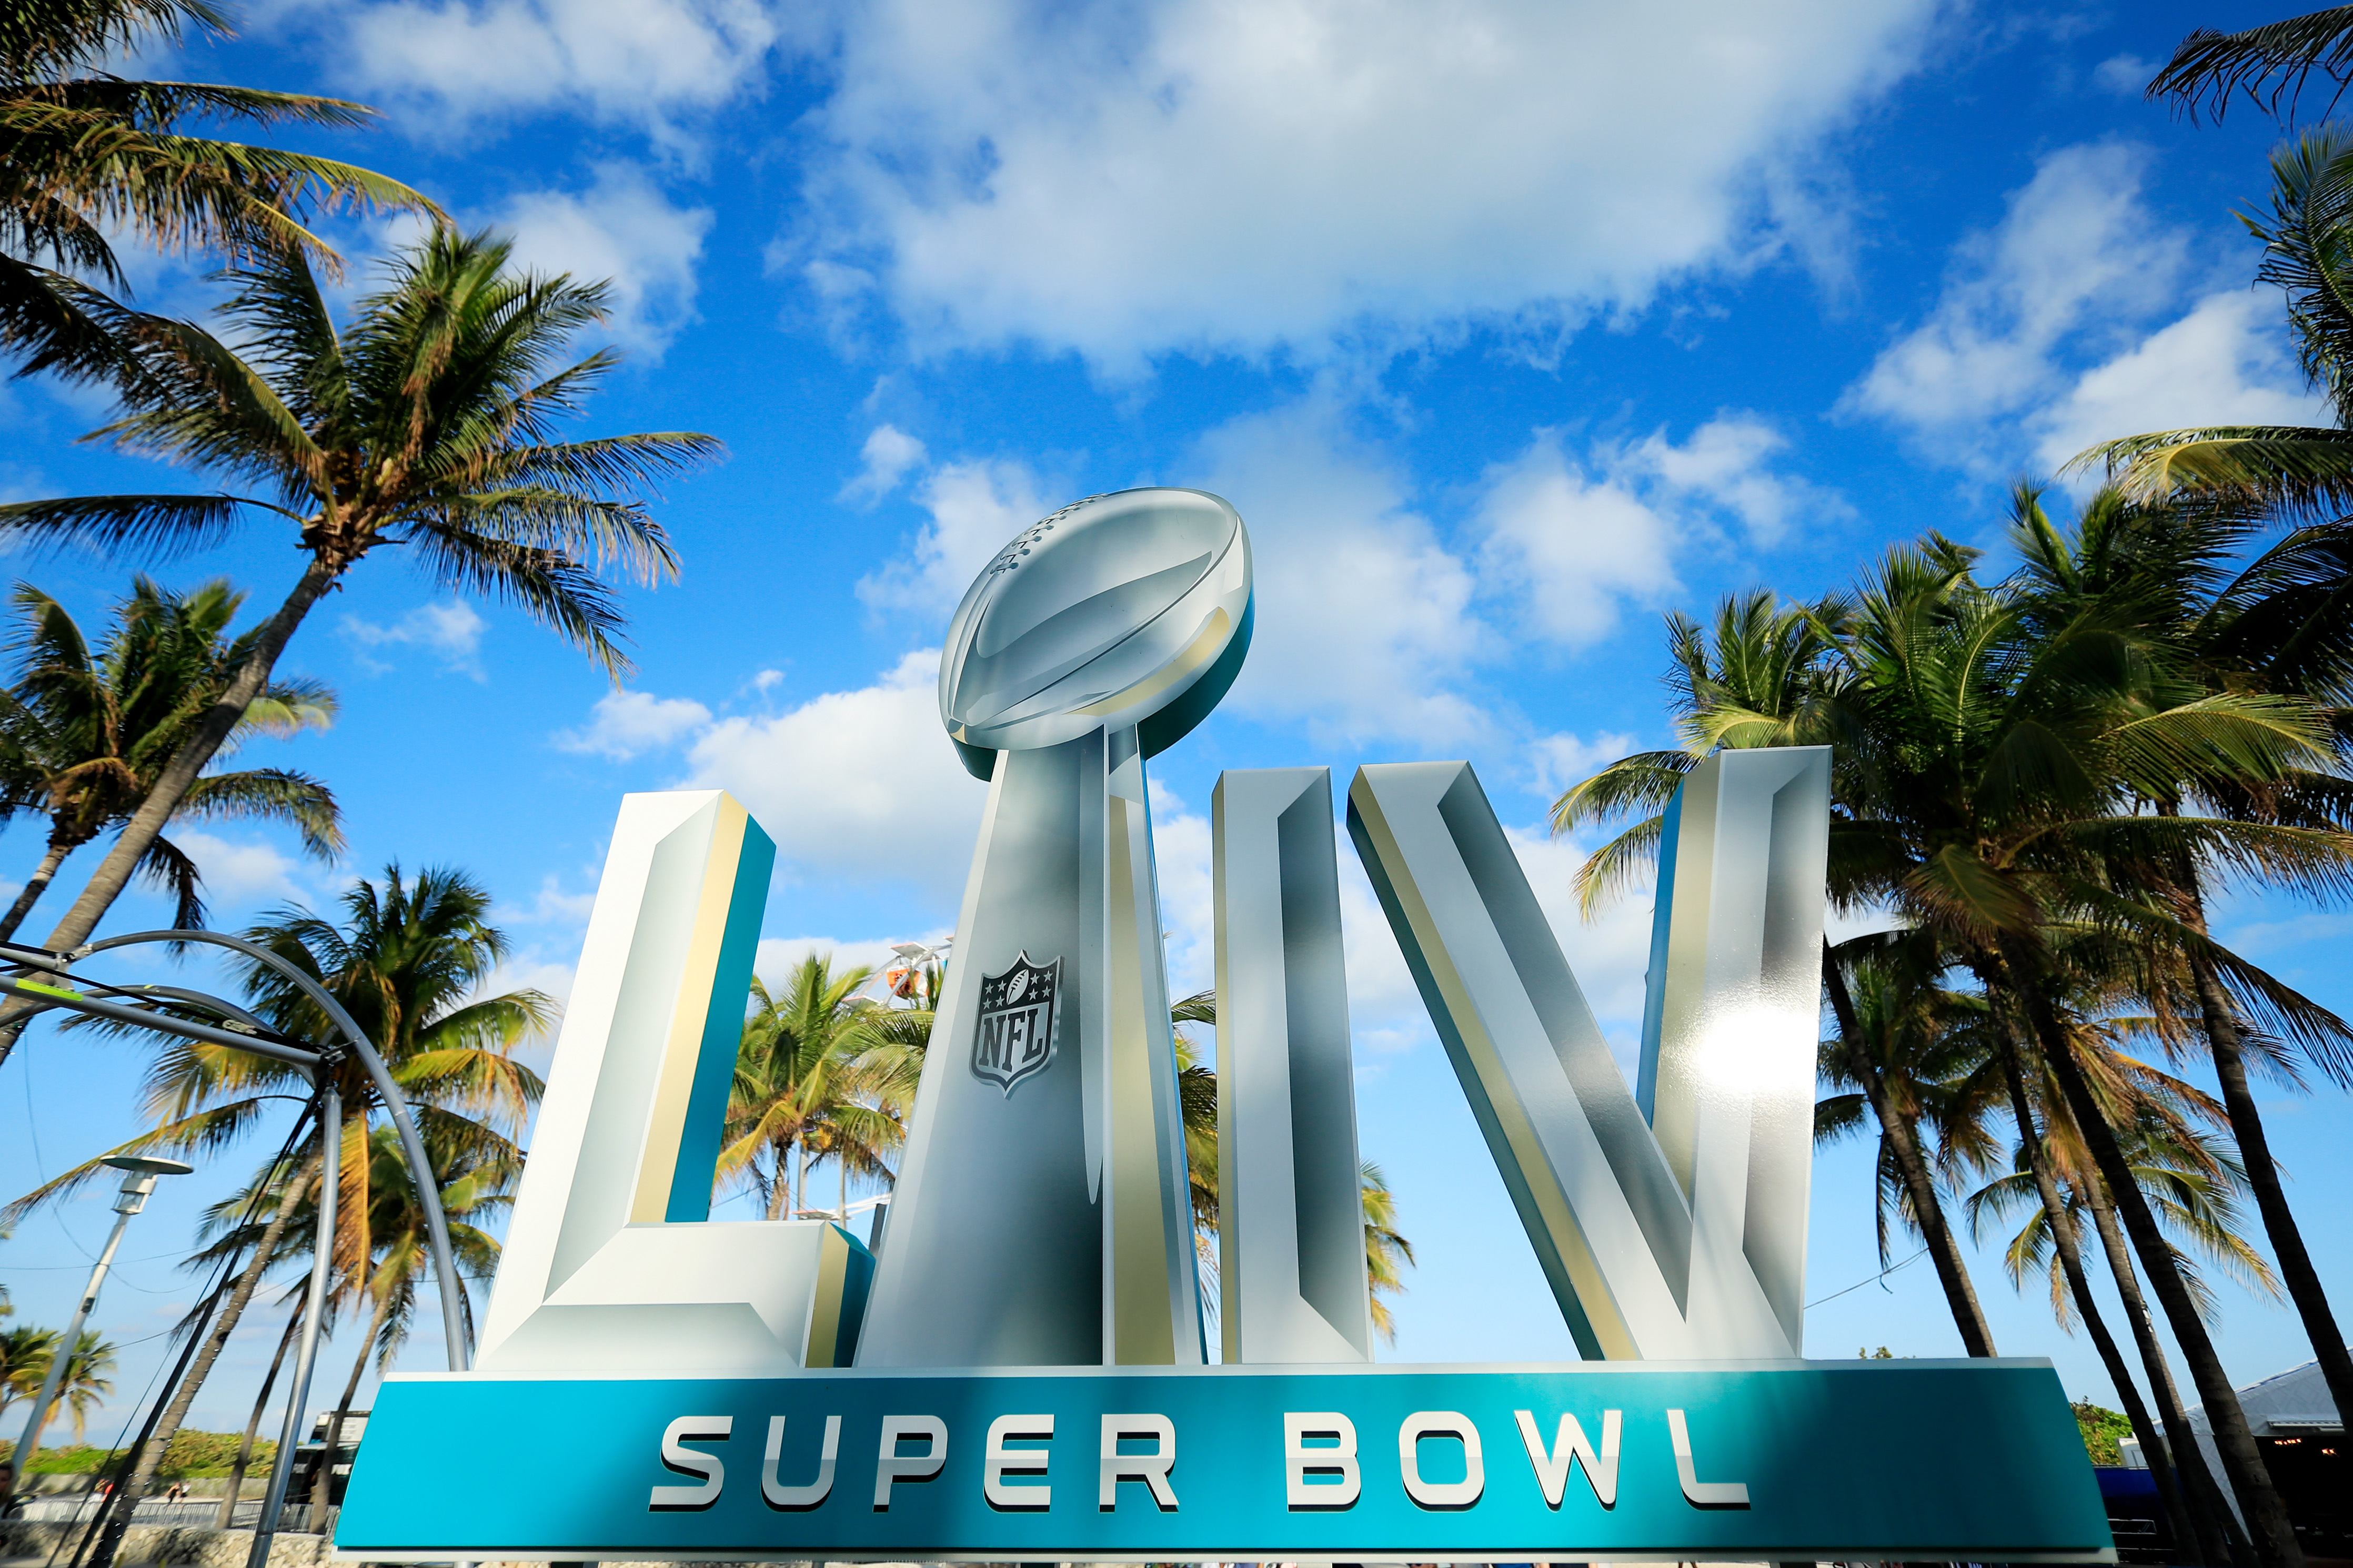 Westlake Legal Group SuperBowlLIVSignageJan20 Super Bowl LIV: Live blog Julia Musto fox-news/sports/nfl fox-news/sports fox-news/news-events/super-bowl fox news fnc/sports fnc article 3c6f7357-74f9-55a9-a489-3b7a2c58d11c